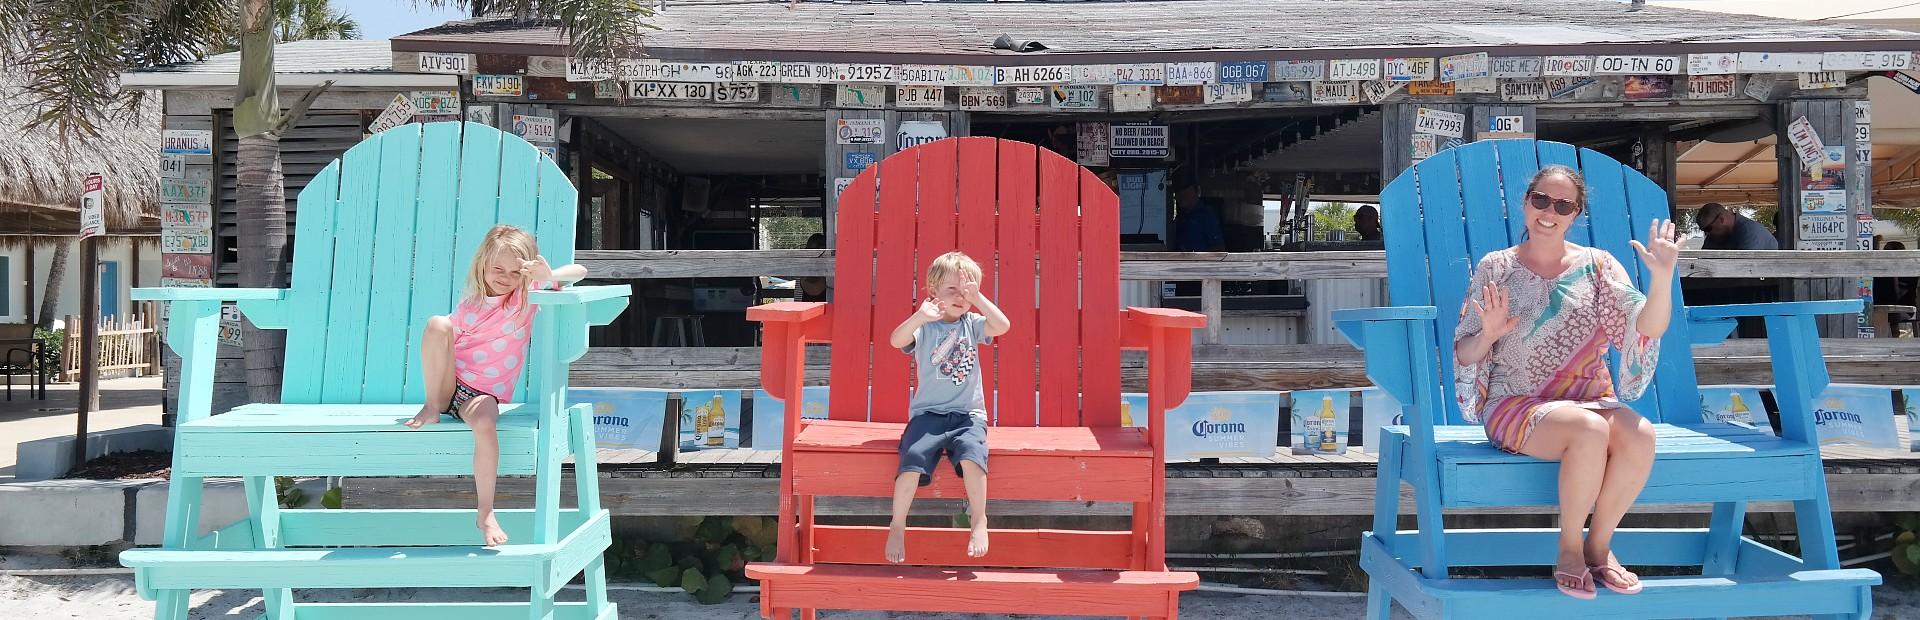 Lekker weer op vakantie met kinderen